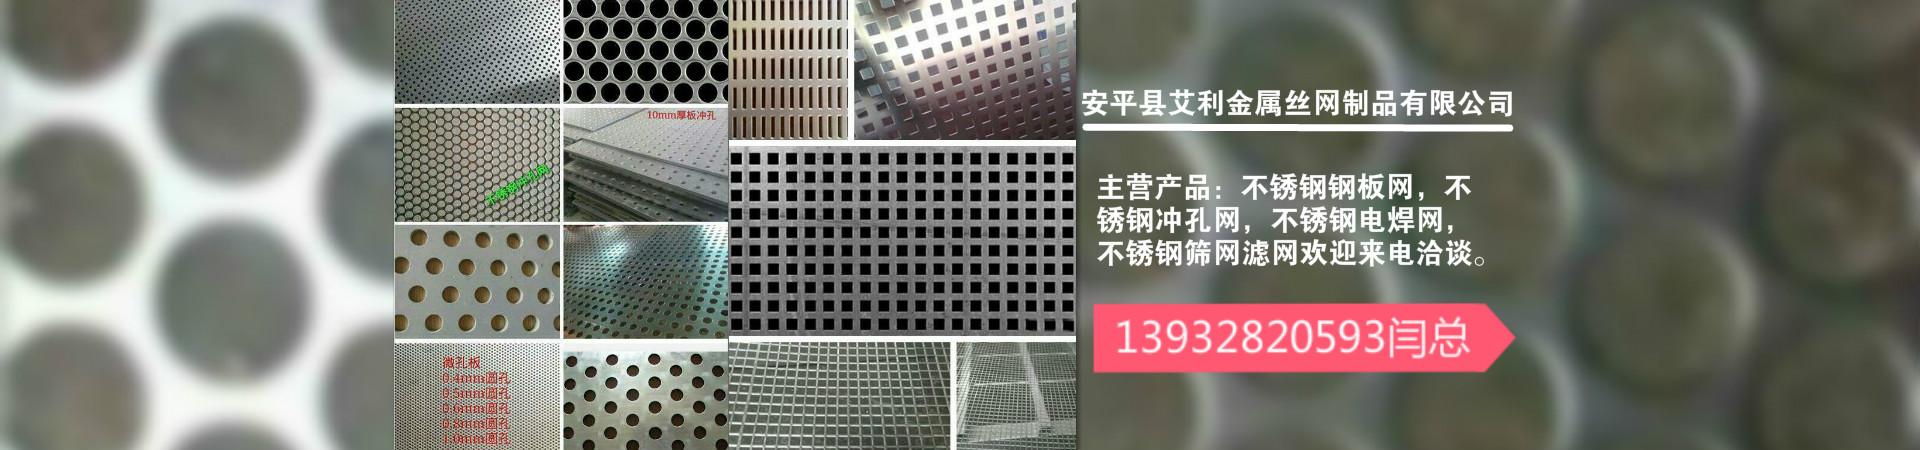 安平县艾利金属丝网制品厂